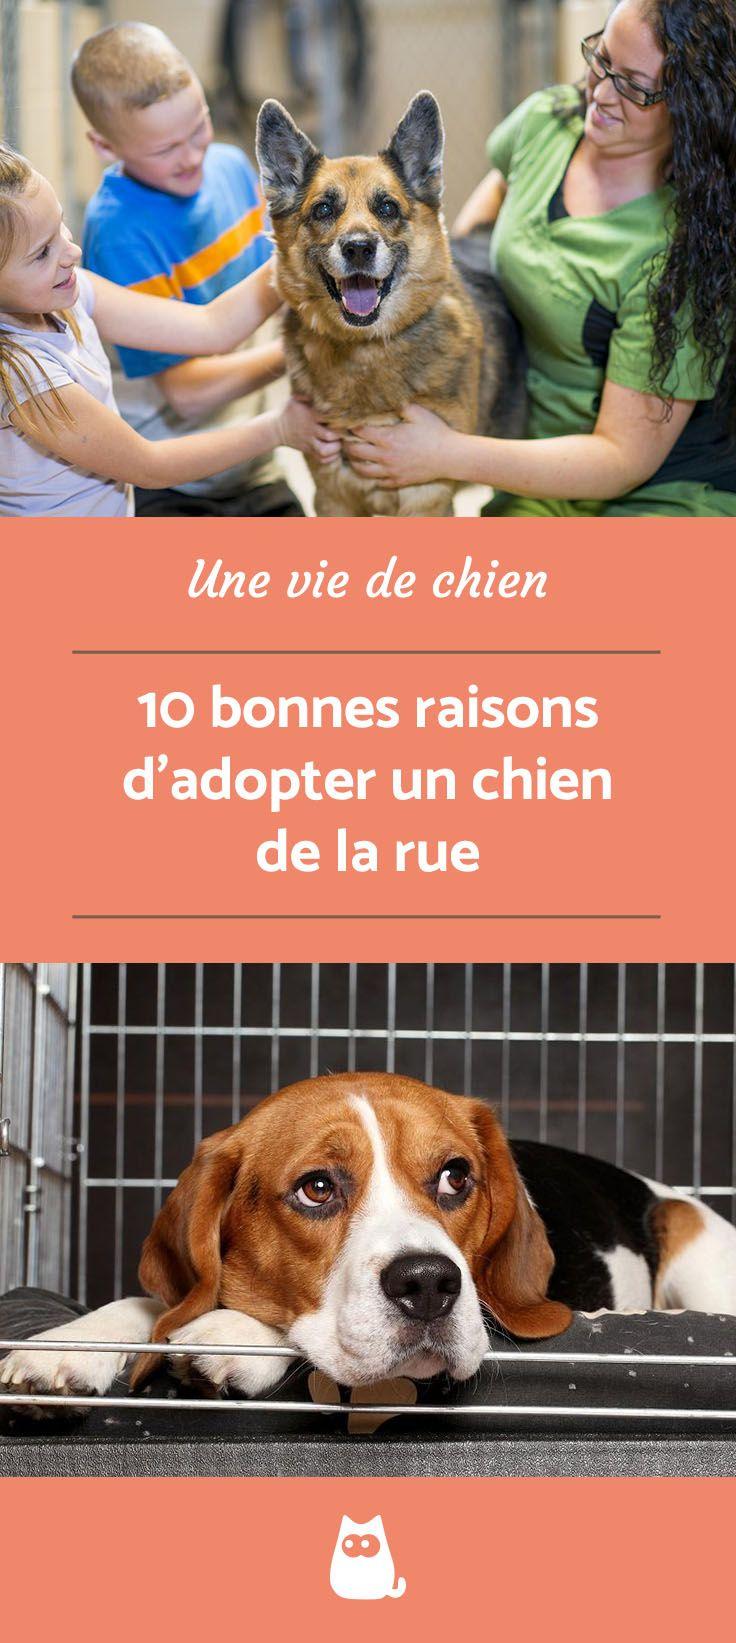 10 Bonnes Raisons D Adopter Un Chien De La Rue Adopter Un Chien Adoption Chiot Chien